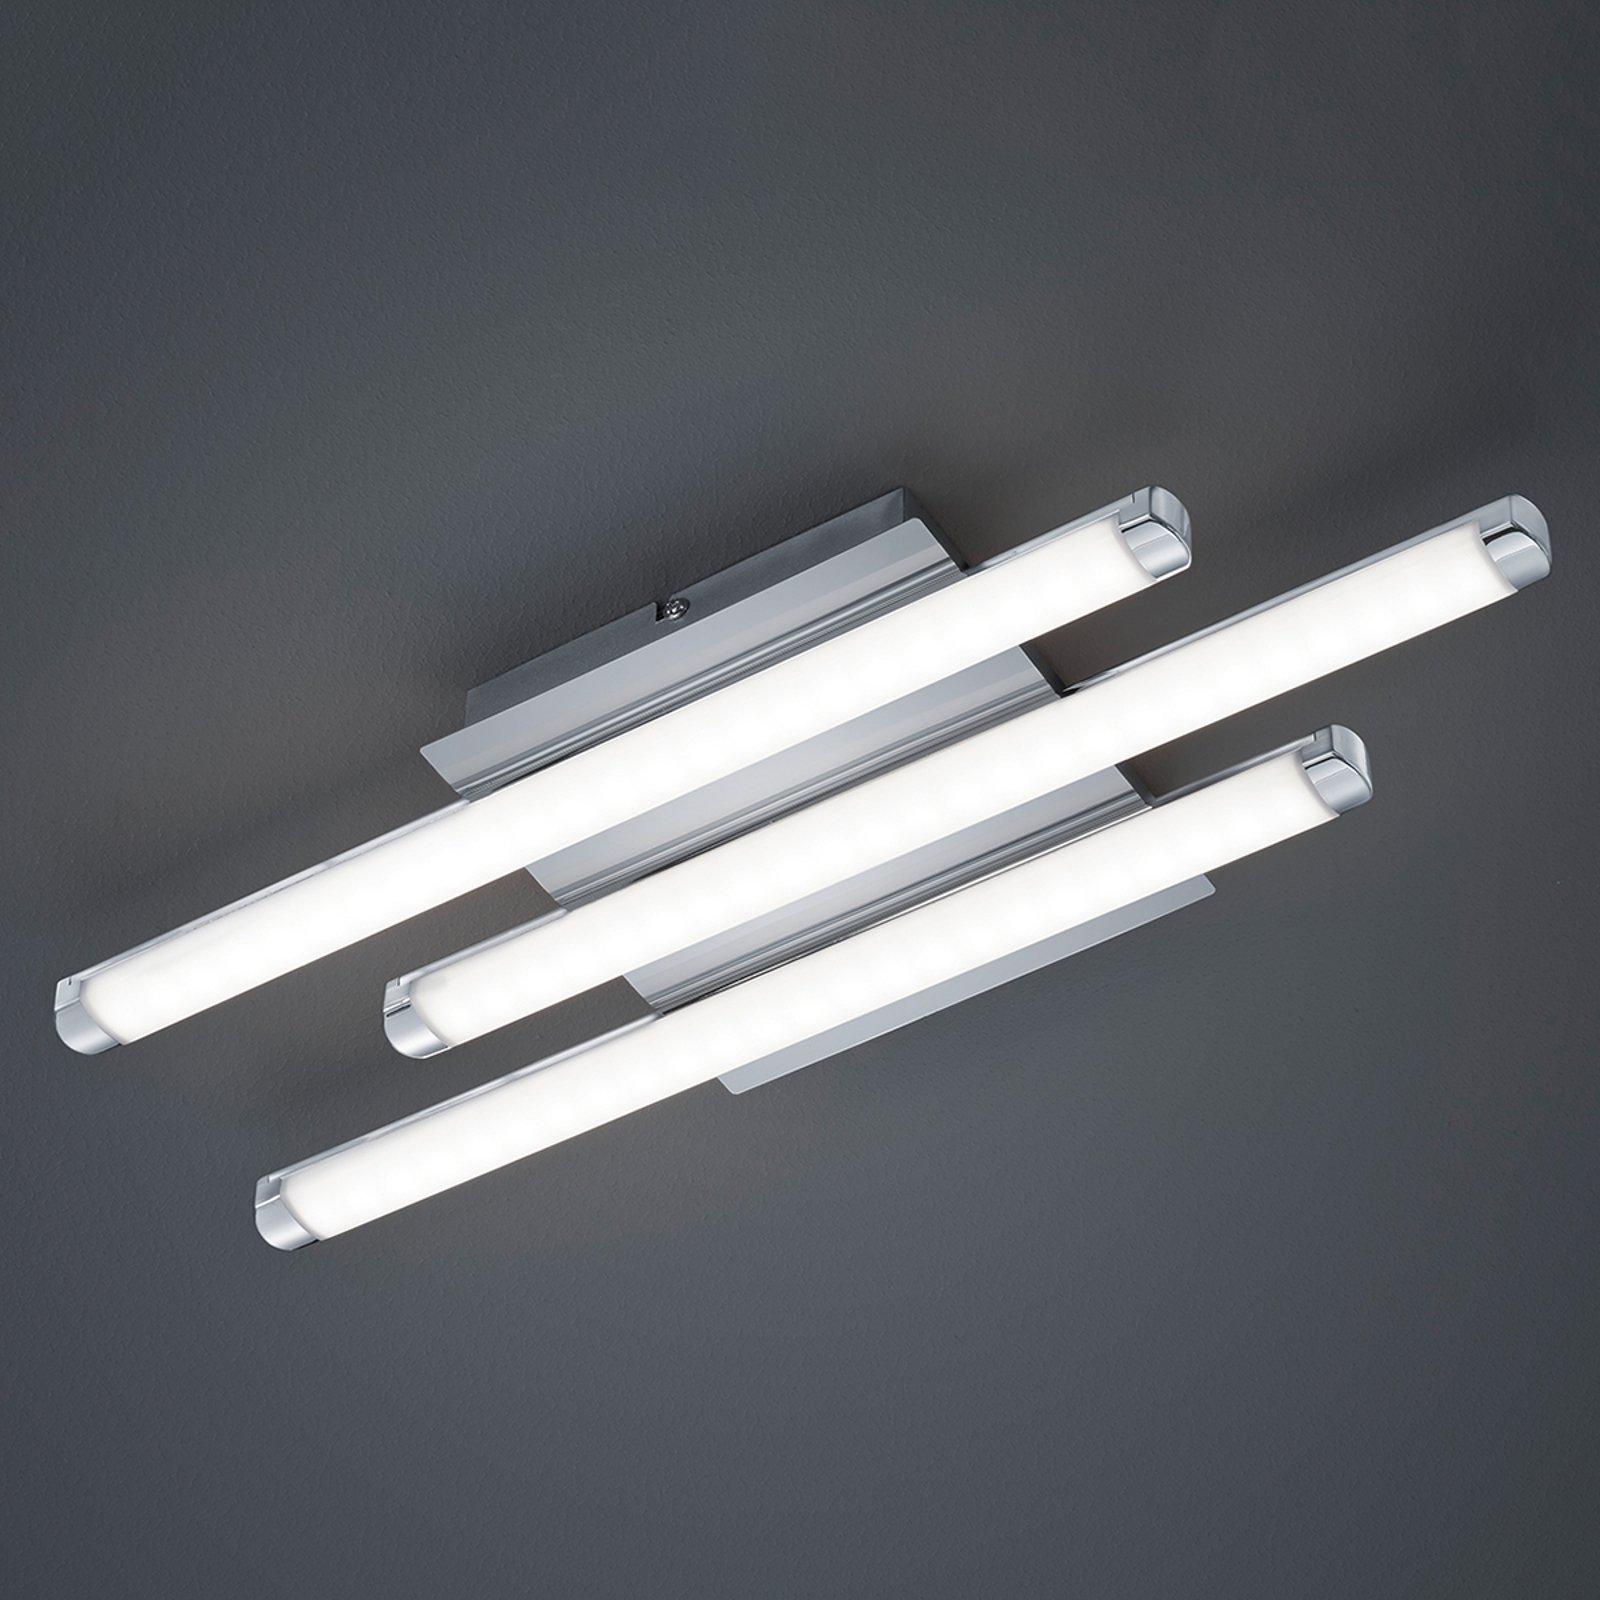 Toppmoderne LED taklampe Street - 3 lyskilder